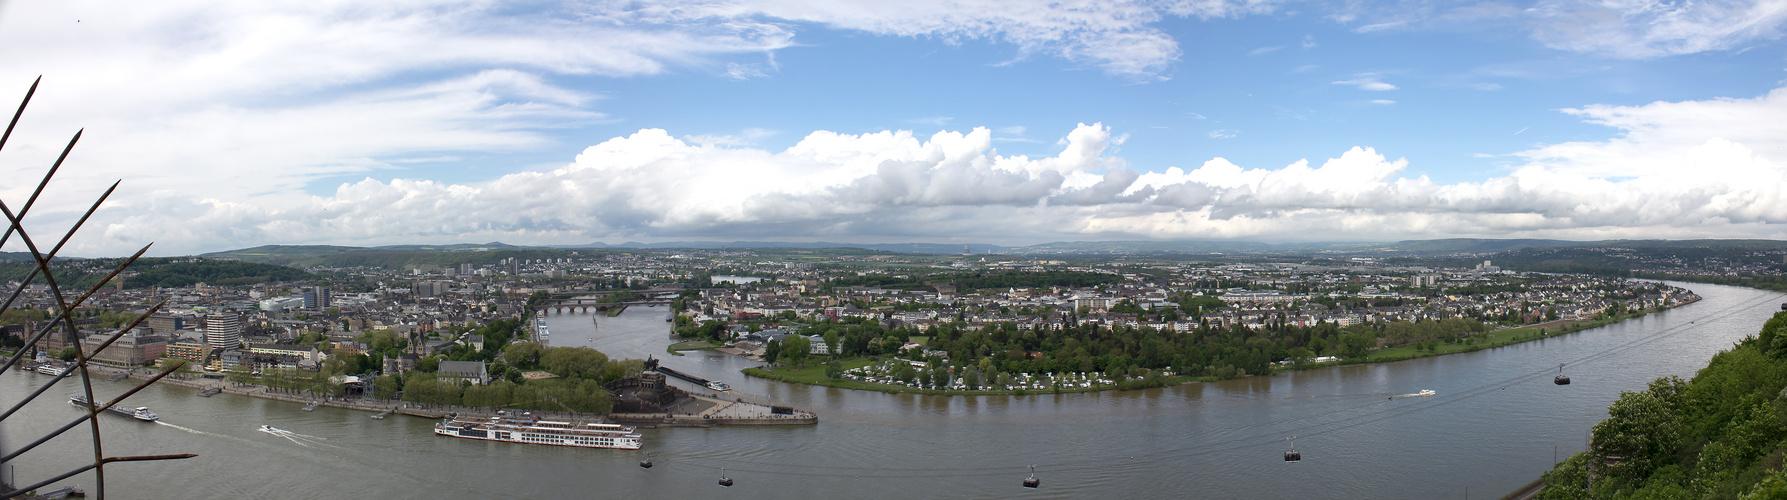 Schöne Aussicht Koblenz